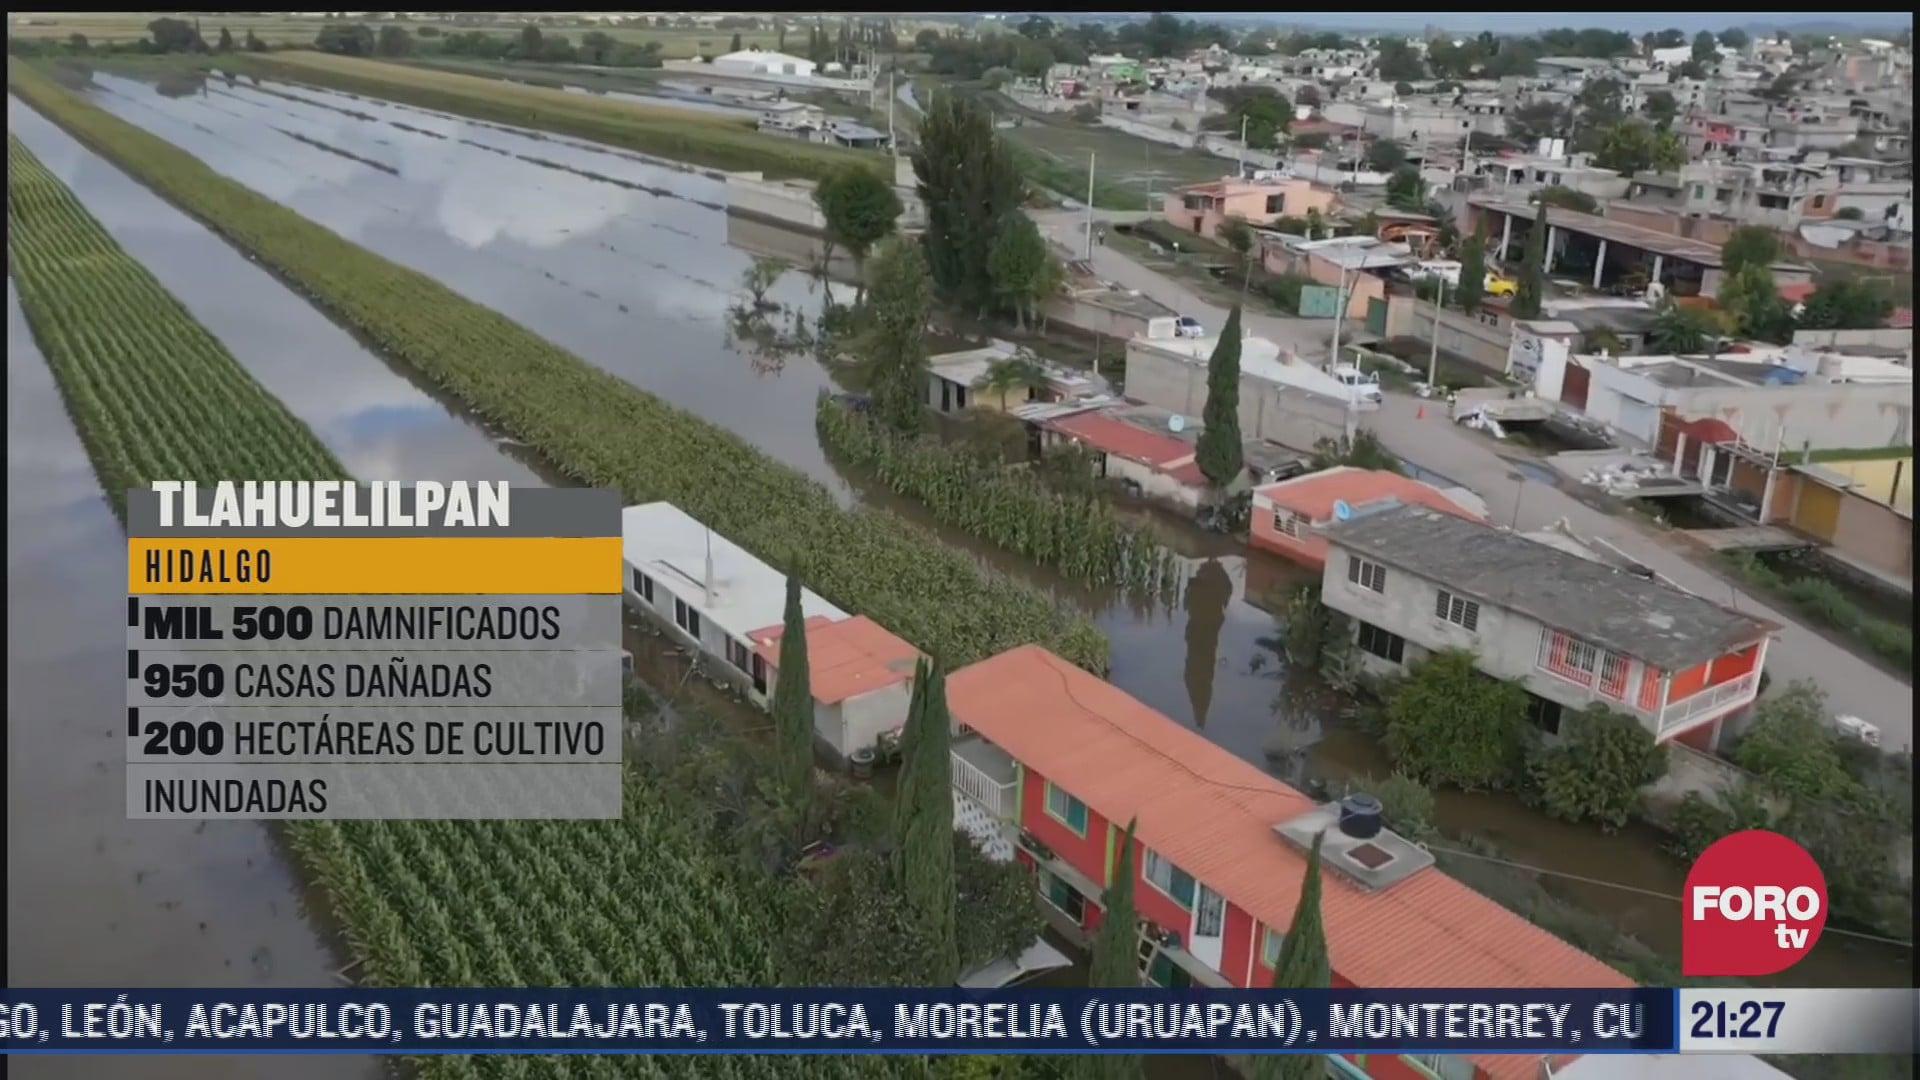 alertan por posible nuevo desbordamiento en tlahuelilpan